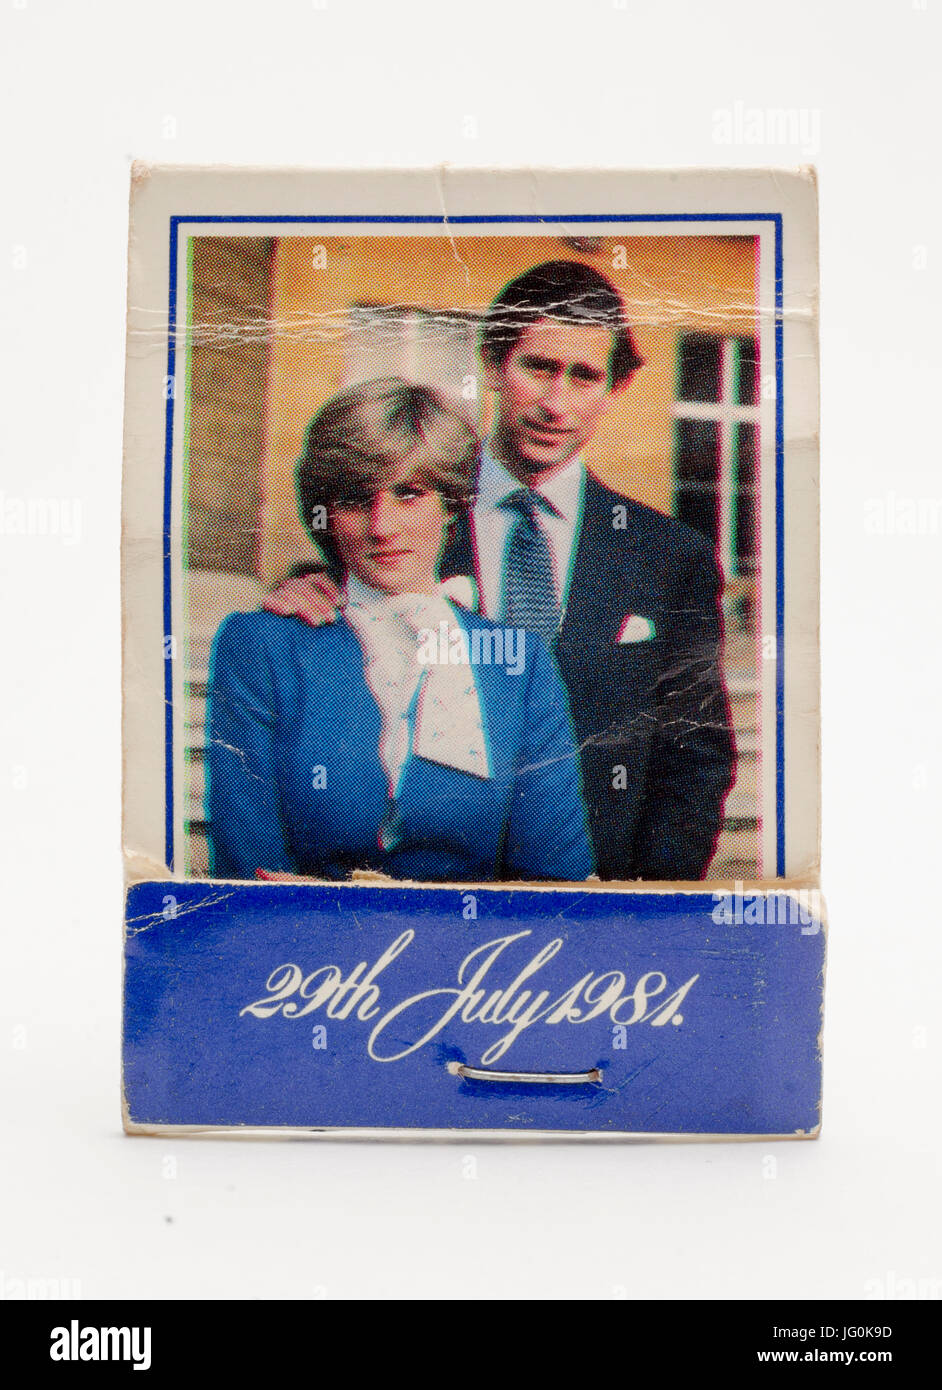 Libro conmemorativo de coincide con la celebración de la Boda Real de Lady Diana Spencer y S.A.R. el Príncipe Carlos el 29 de julio de 1981. Foto de stock